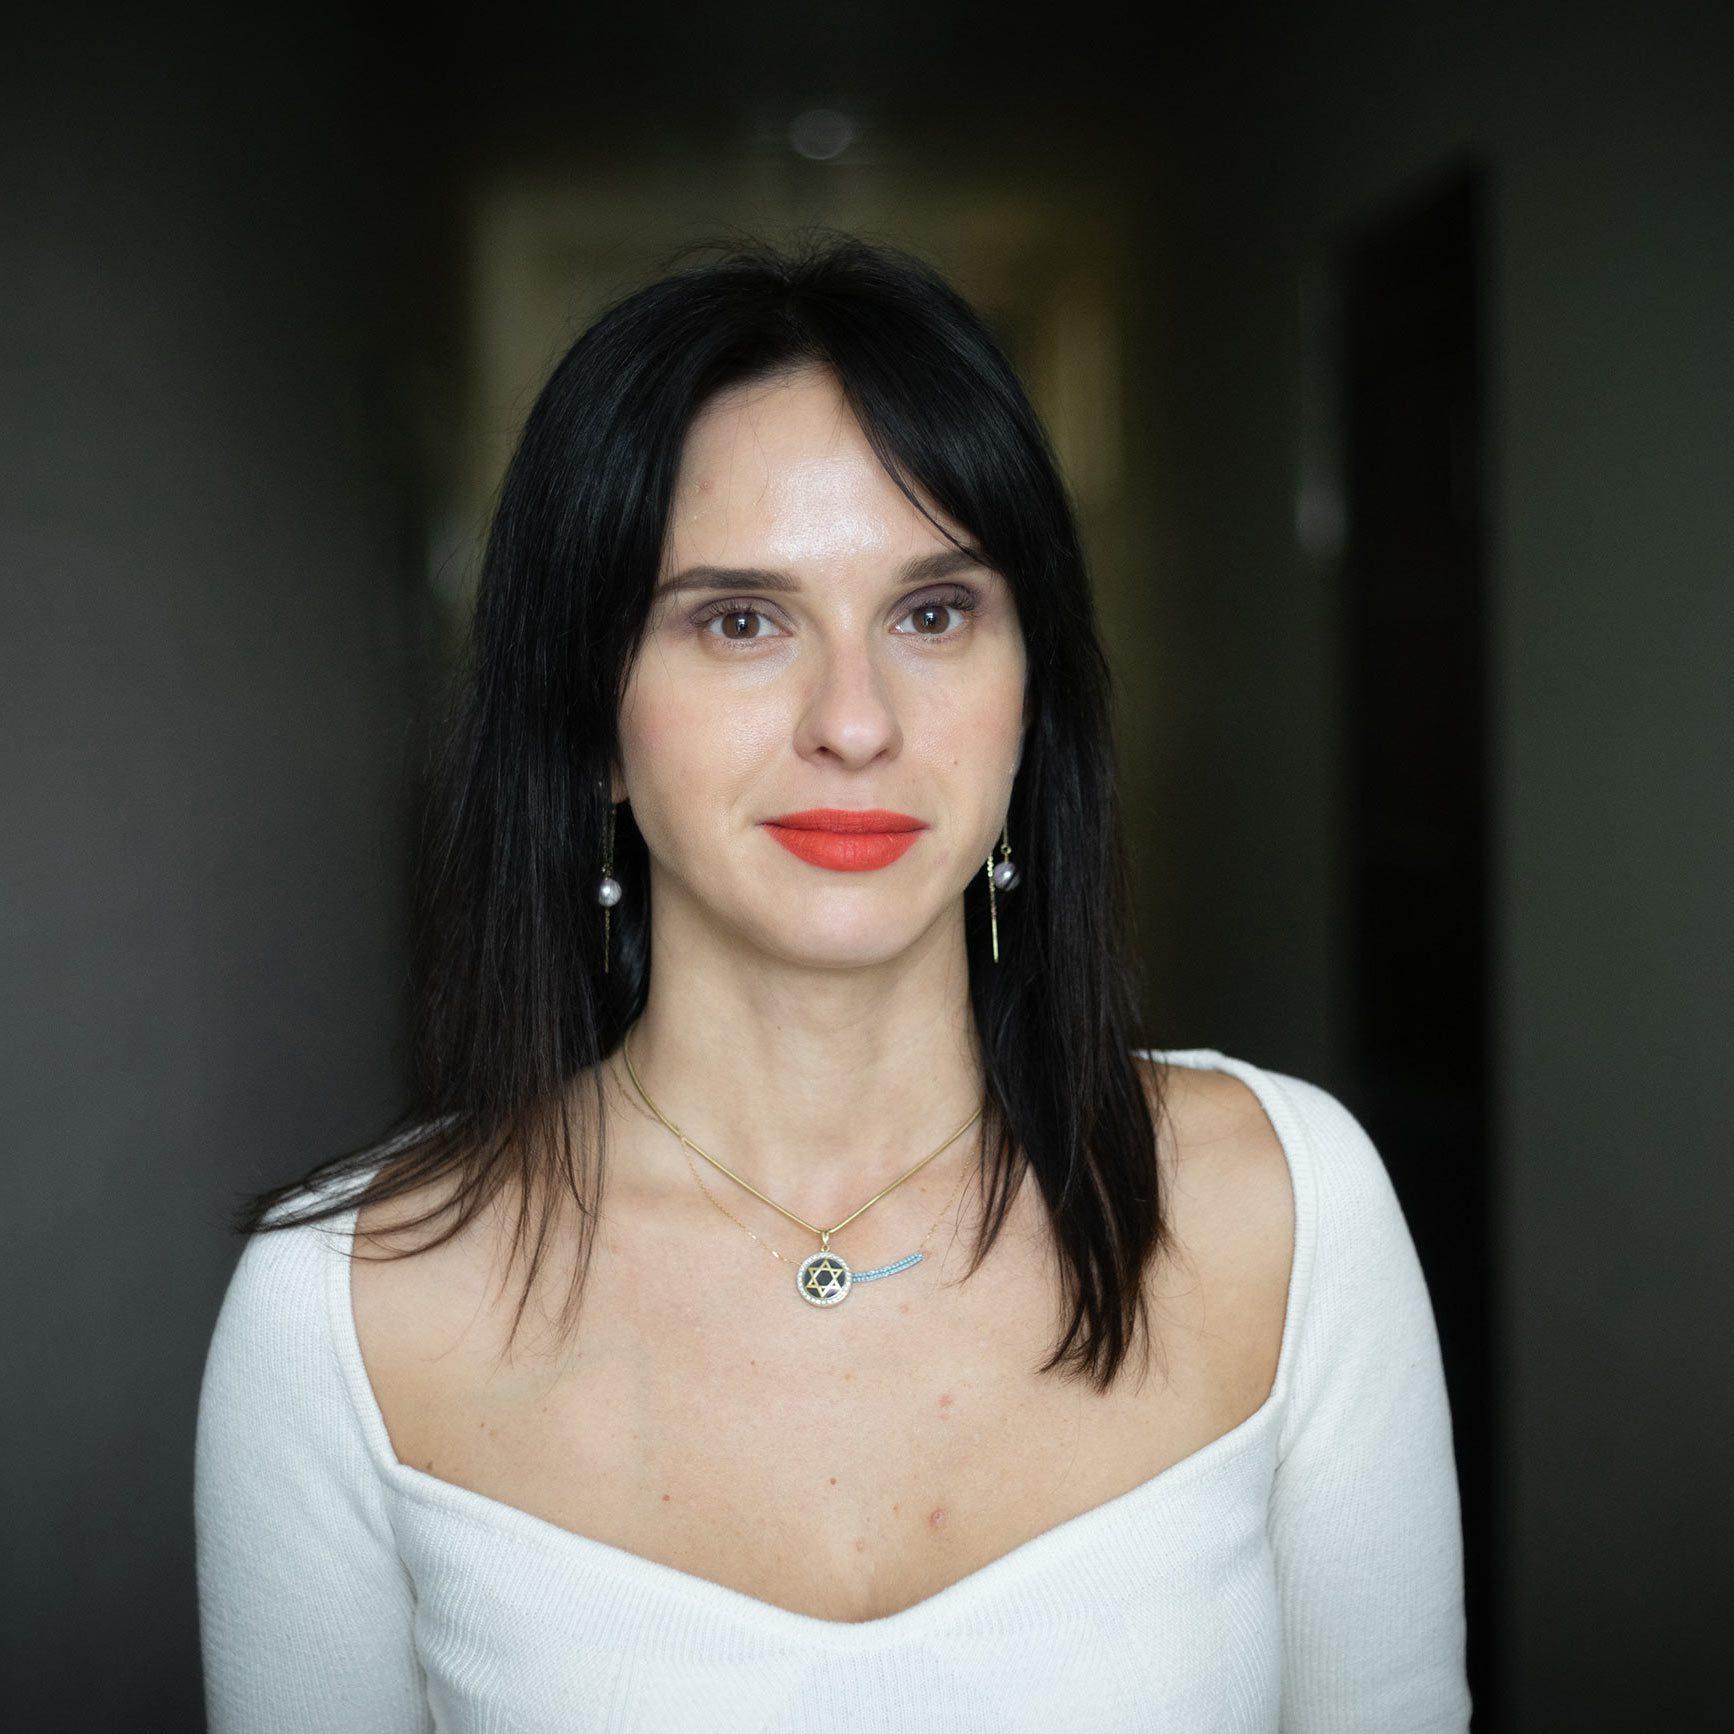 anna karpeeva 02 - <b>Ретроградний Меркурій, Таро в TikTok і Луладжа:</b> як працюють езотеричні практики і чому їхня популярність зростає - Заборона